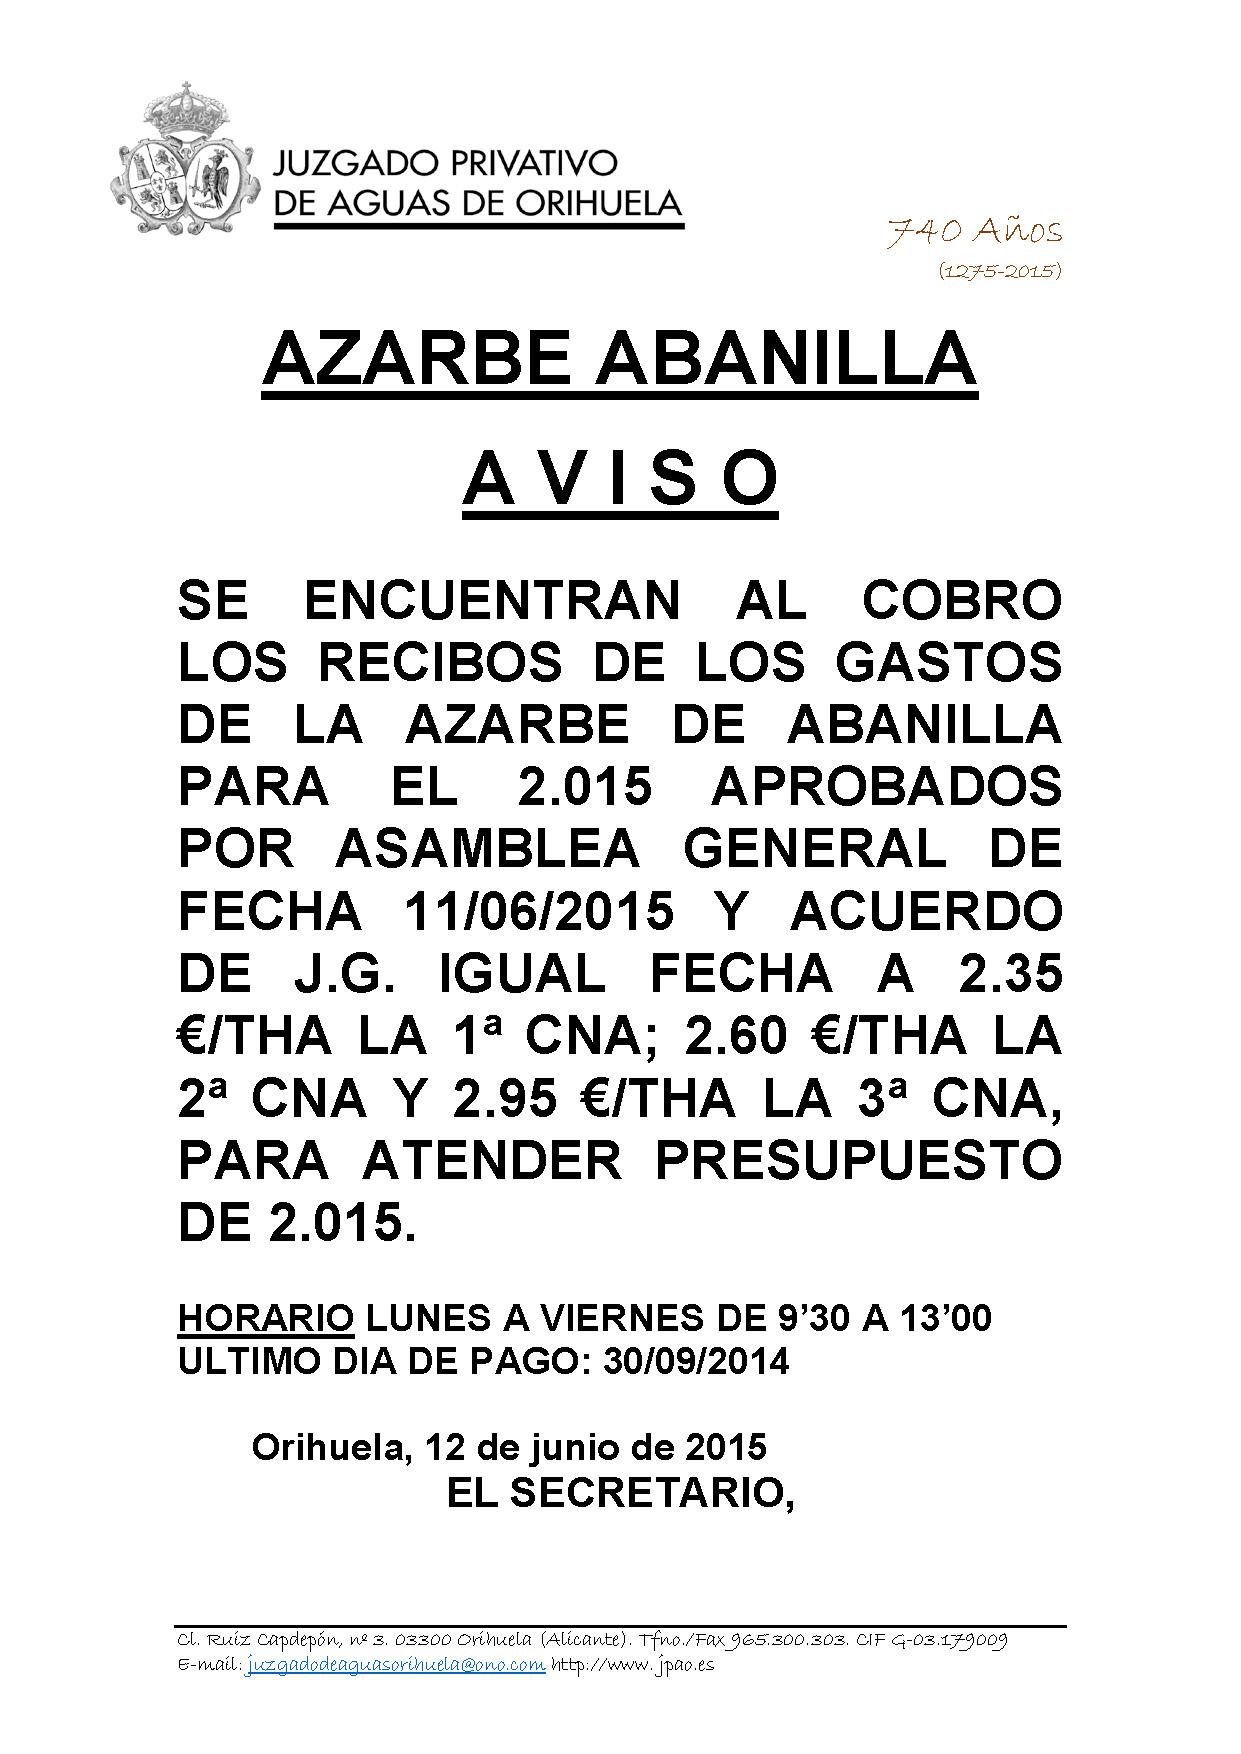 77 2015 azarbe de abanilla  edicto imposicion derrama